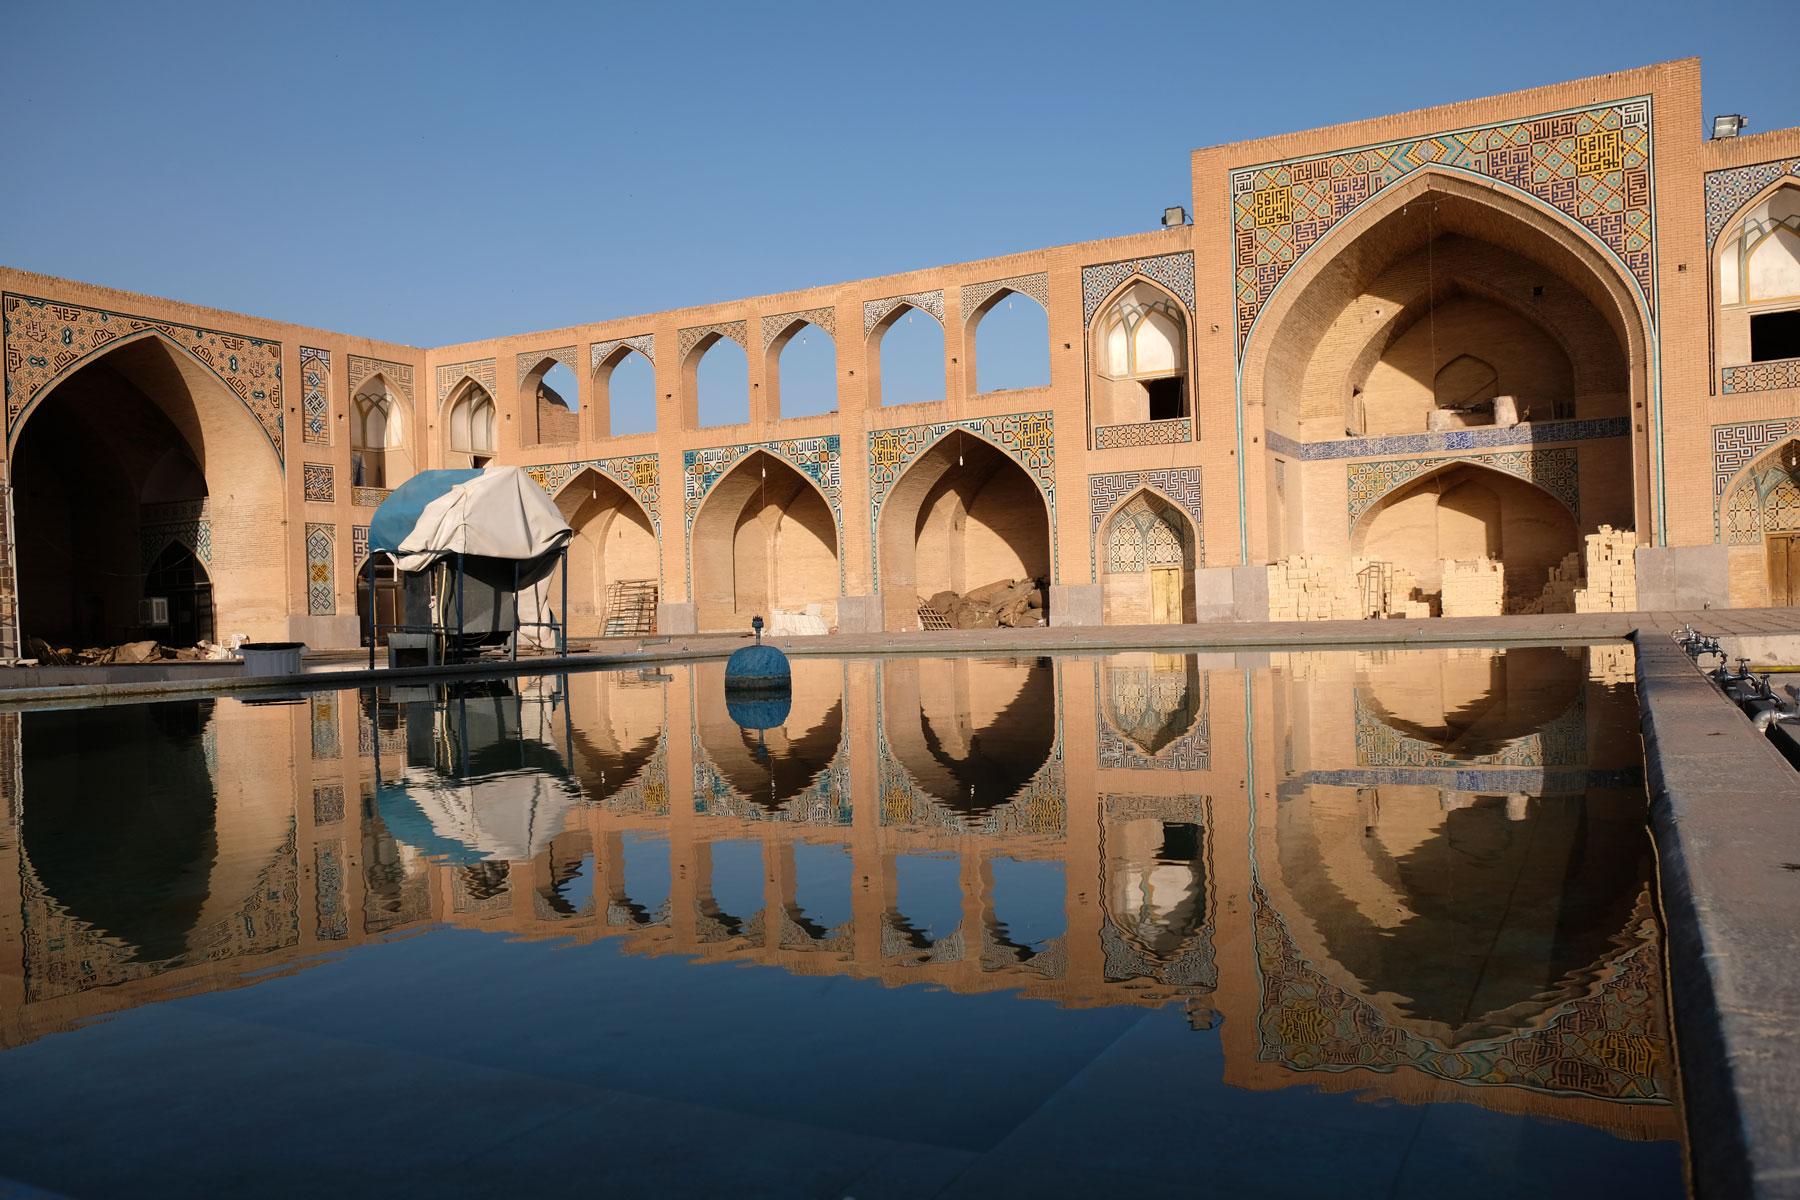 Hakim-Moschee in Isfahan